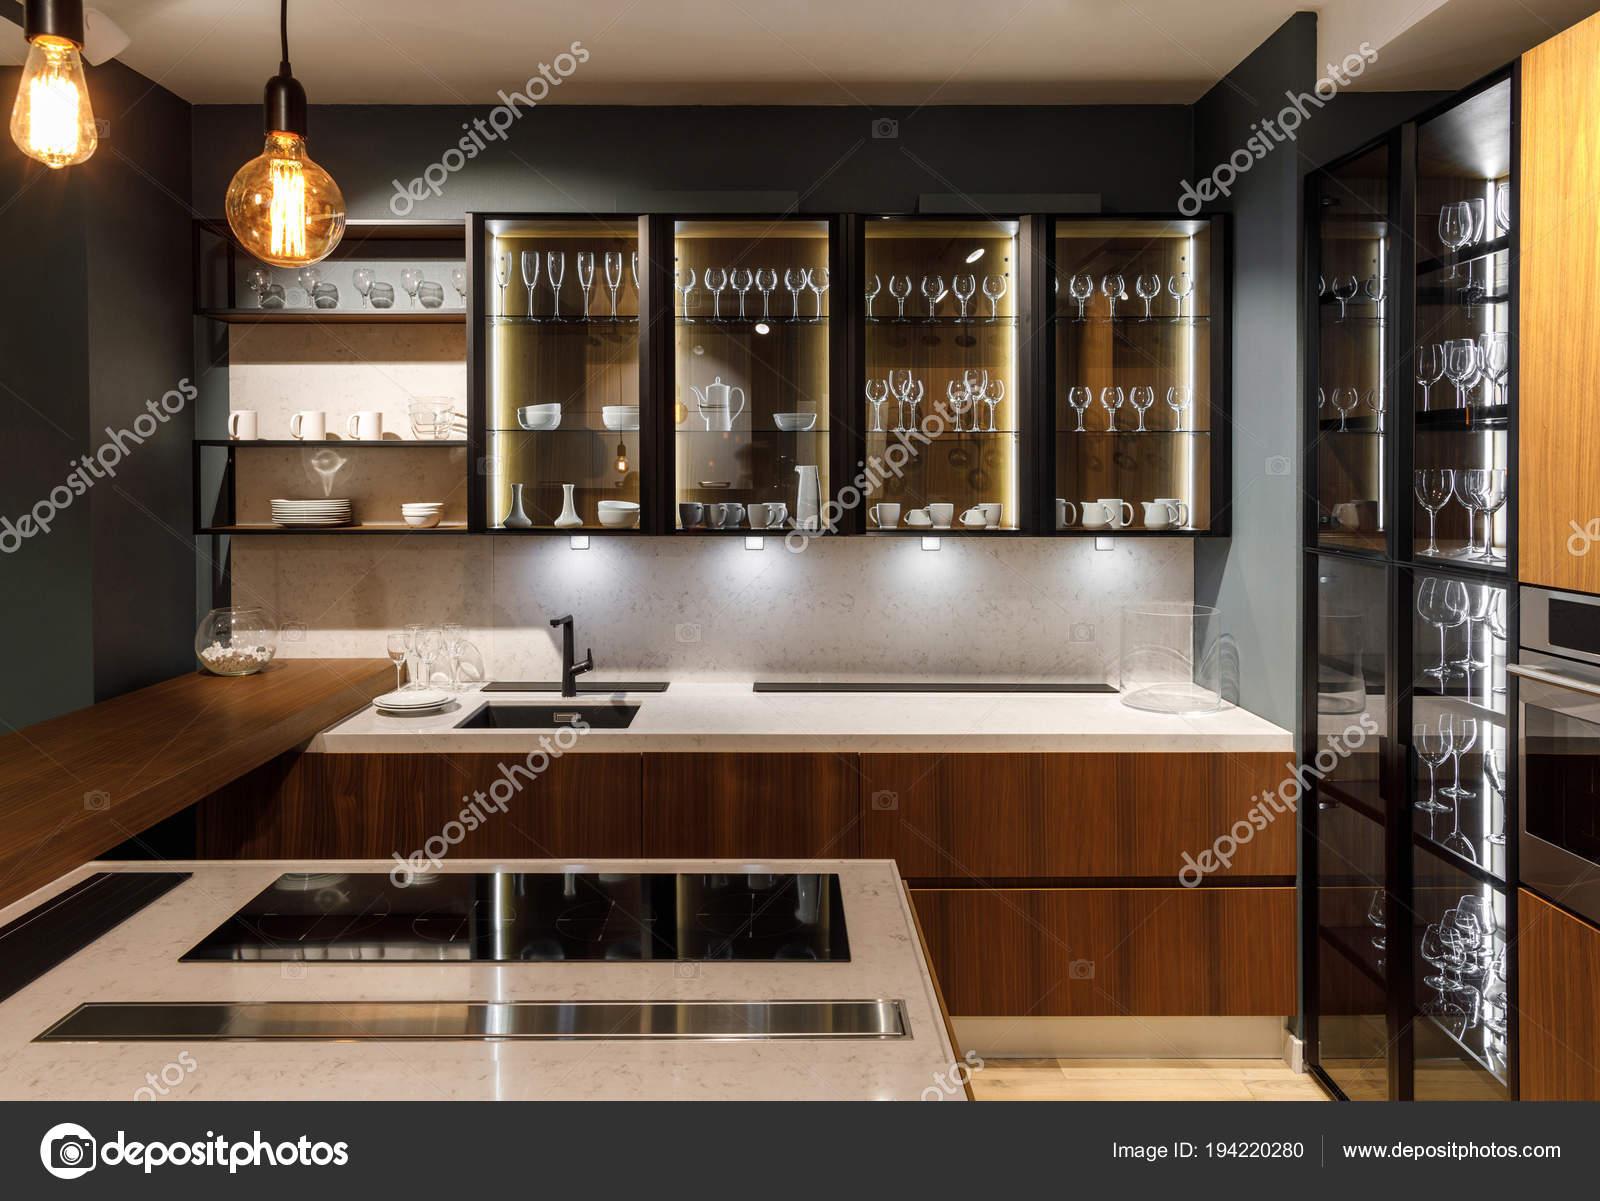 Kast Voor Glazen : Gerenoveerde keuken interieur met glazen kast u2014 stockfoto